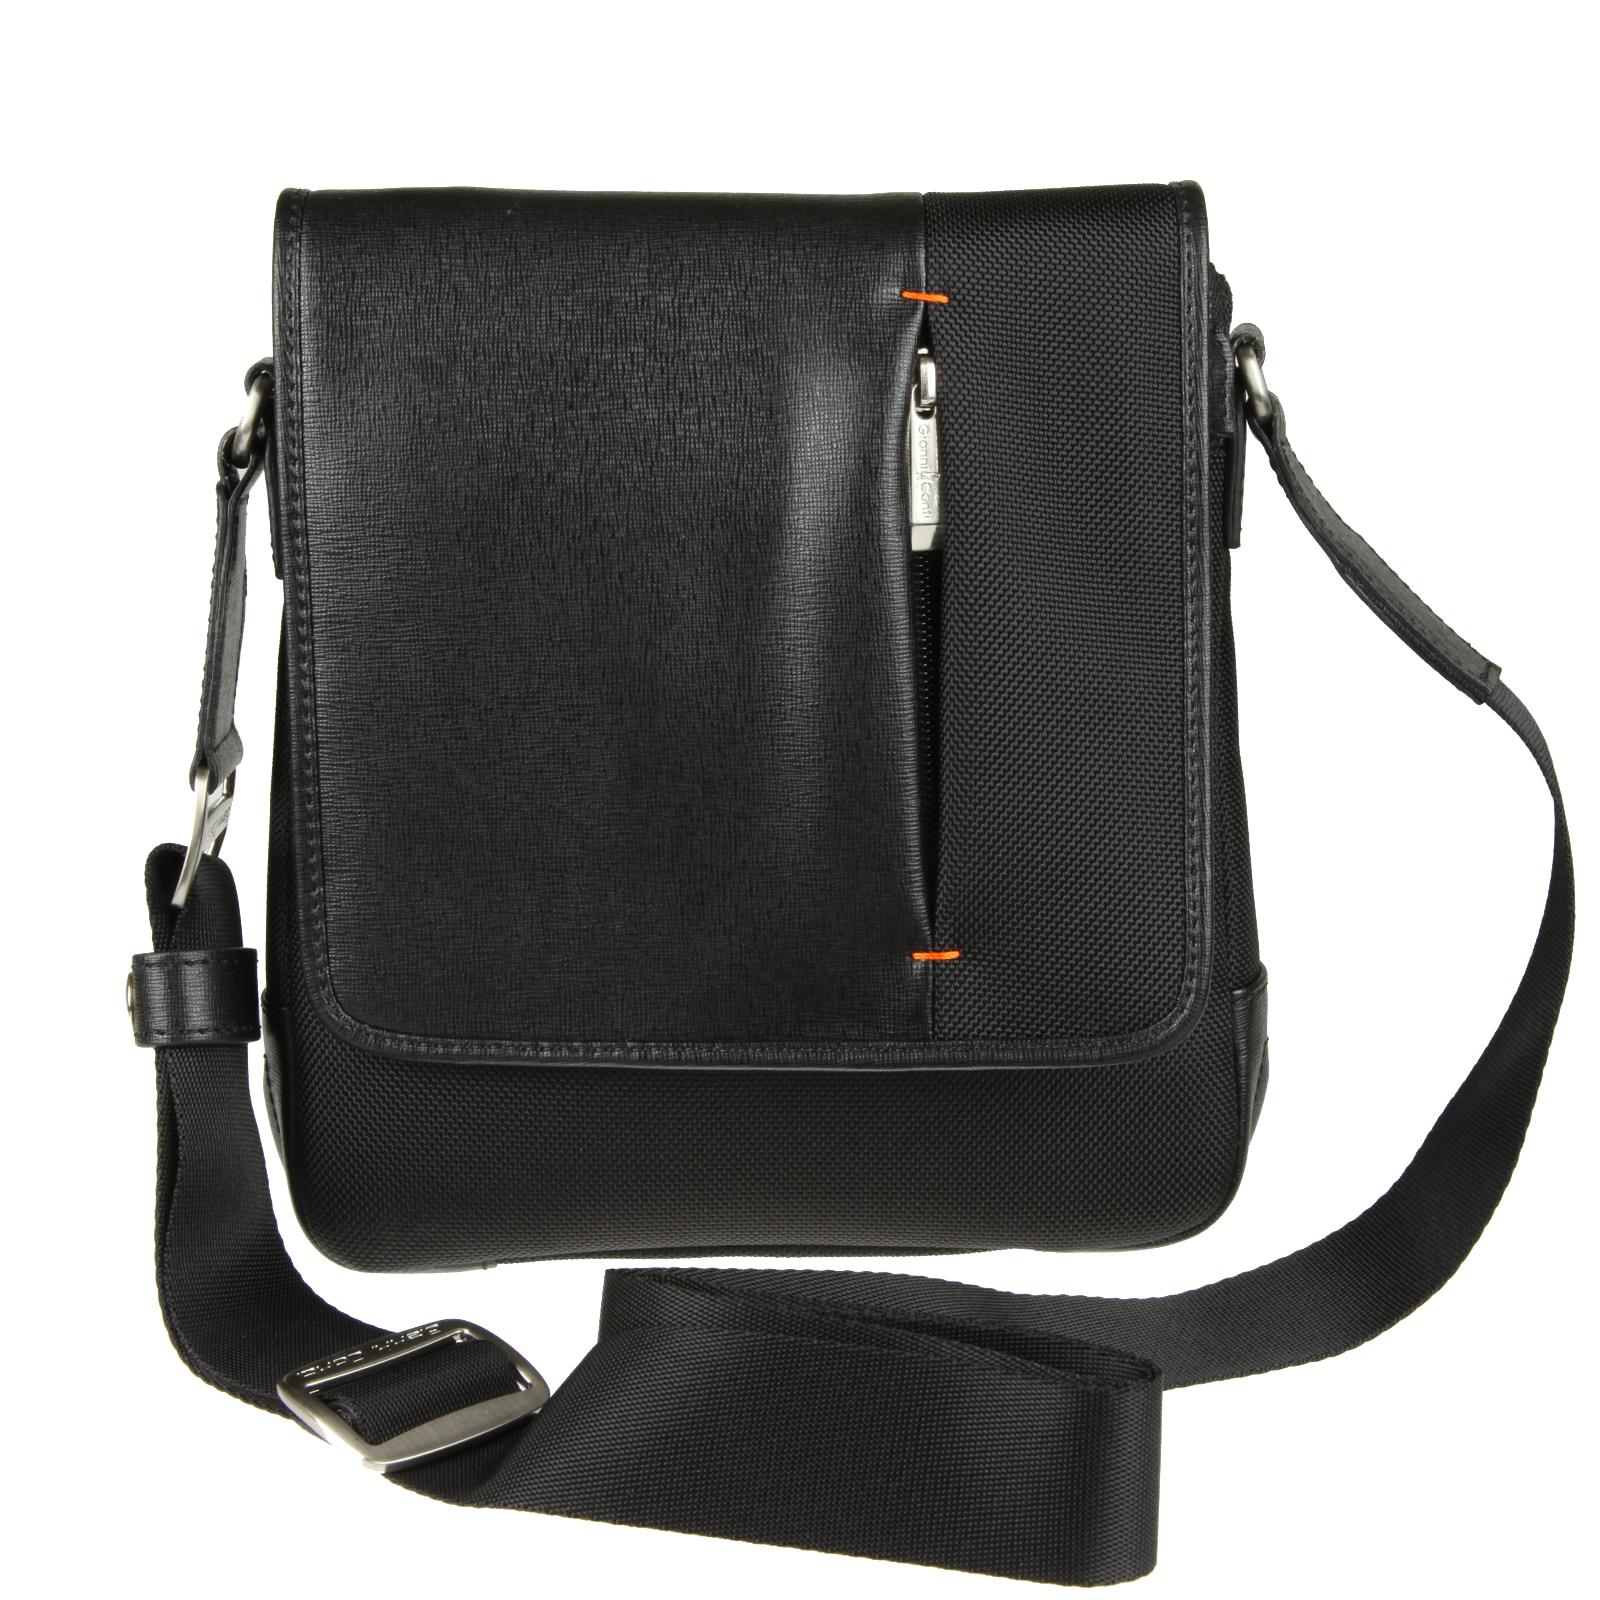 Сумка-планшет Gianni Conti, цвет: черный. 853779 Bl23008Мужская сумка-планшет Gianni Conti выполнена из нейлона черного цвета с вставками из натуральной кожи. Сумка имеет одно вместительное отделение, которое закрывается клапаном на две магнитную кнопку. Внутри - накладной открытый кармашек, вшитый карман на молнии. Под клапаном расположен открытый карман. На клапане также расположен вертикальный кармашек. С задней стороны - вшитый карман на молнии. Сумка оснащена плечевым ремнем регулируемой длины. Фурнитура - серебристого цвета. Сегодня мужская сумка - это необходимый аксессуар, который не только уместит все необходимые вещи, но и подчеркнет ваш стиль. Характеристики: Материал: нейлон, текстиль, металл, натуральная кожа. Цвет: черный. Размер сумки: 24 см х 21 см х 6 см. Длина плечевого ремня: 85-185 см. Артикул: 853779 Bl.